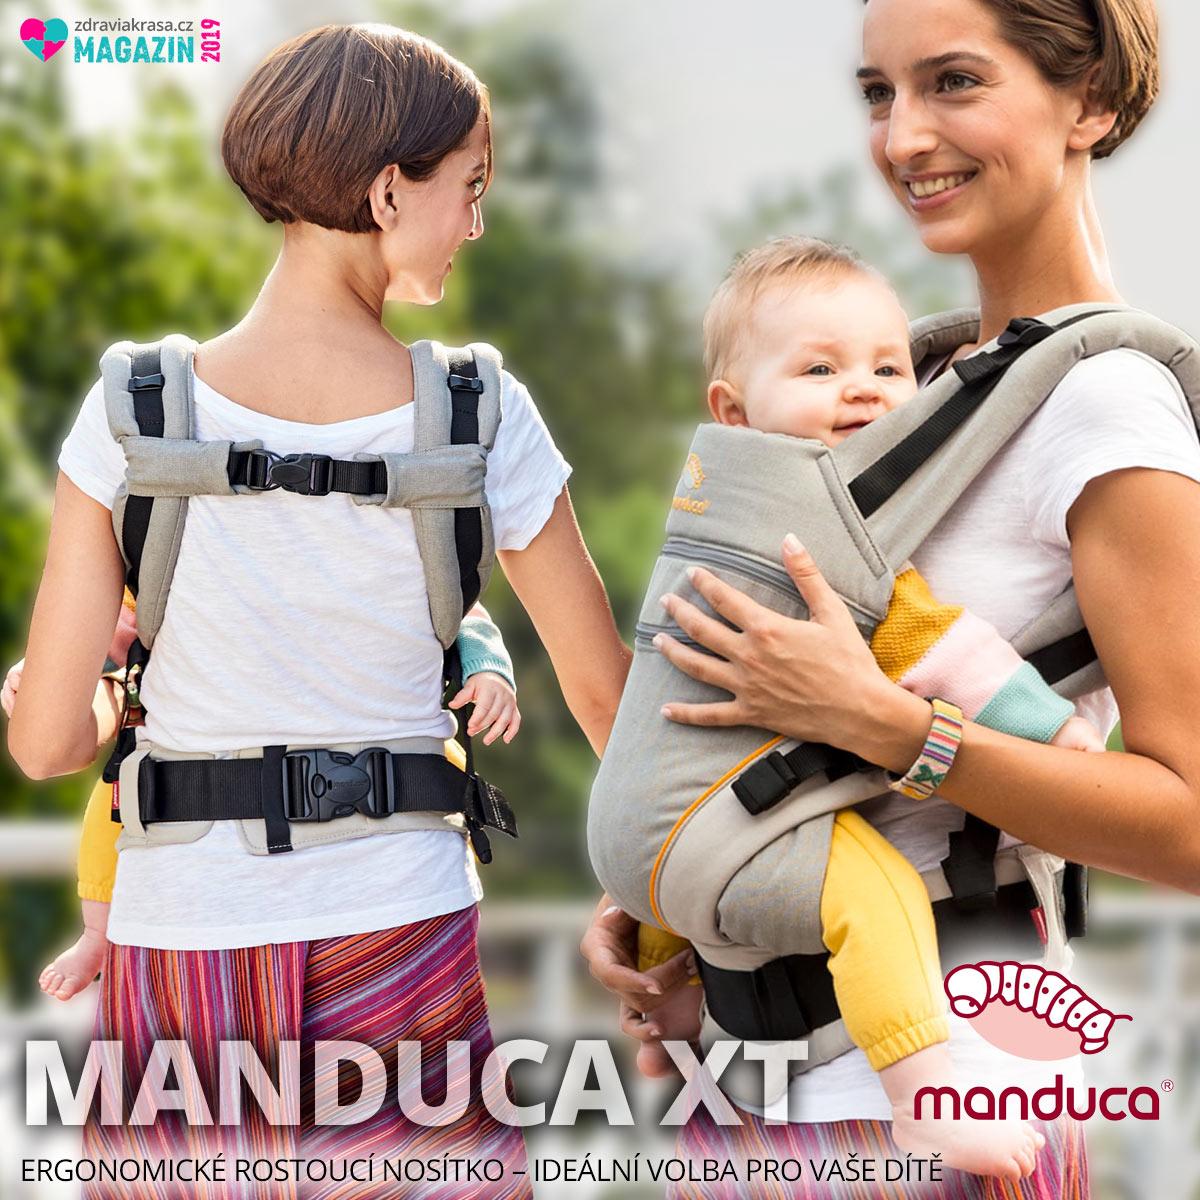 Manduca XT je ergonomické rostoucí nosítko pro kojence i malé děti.